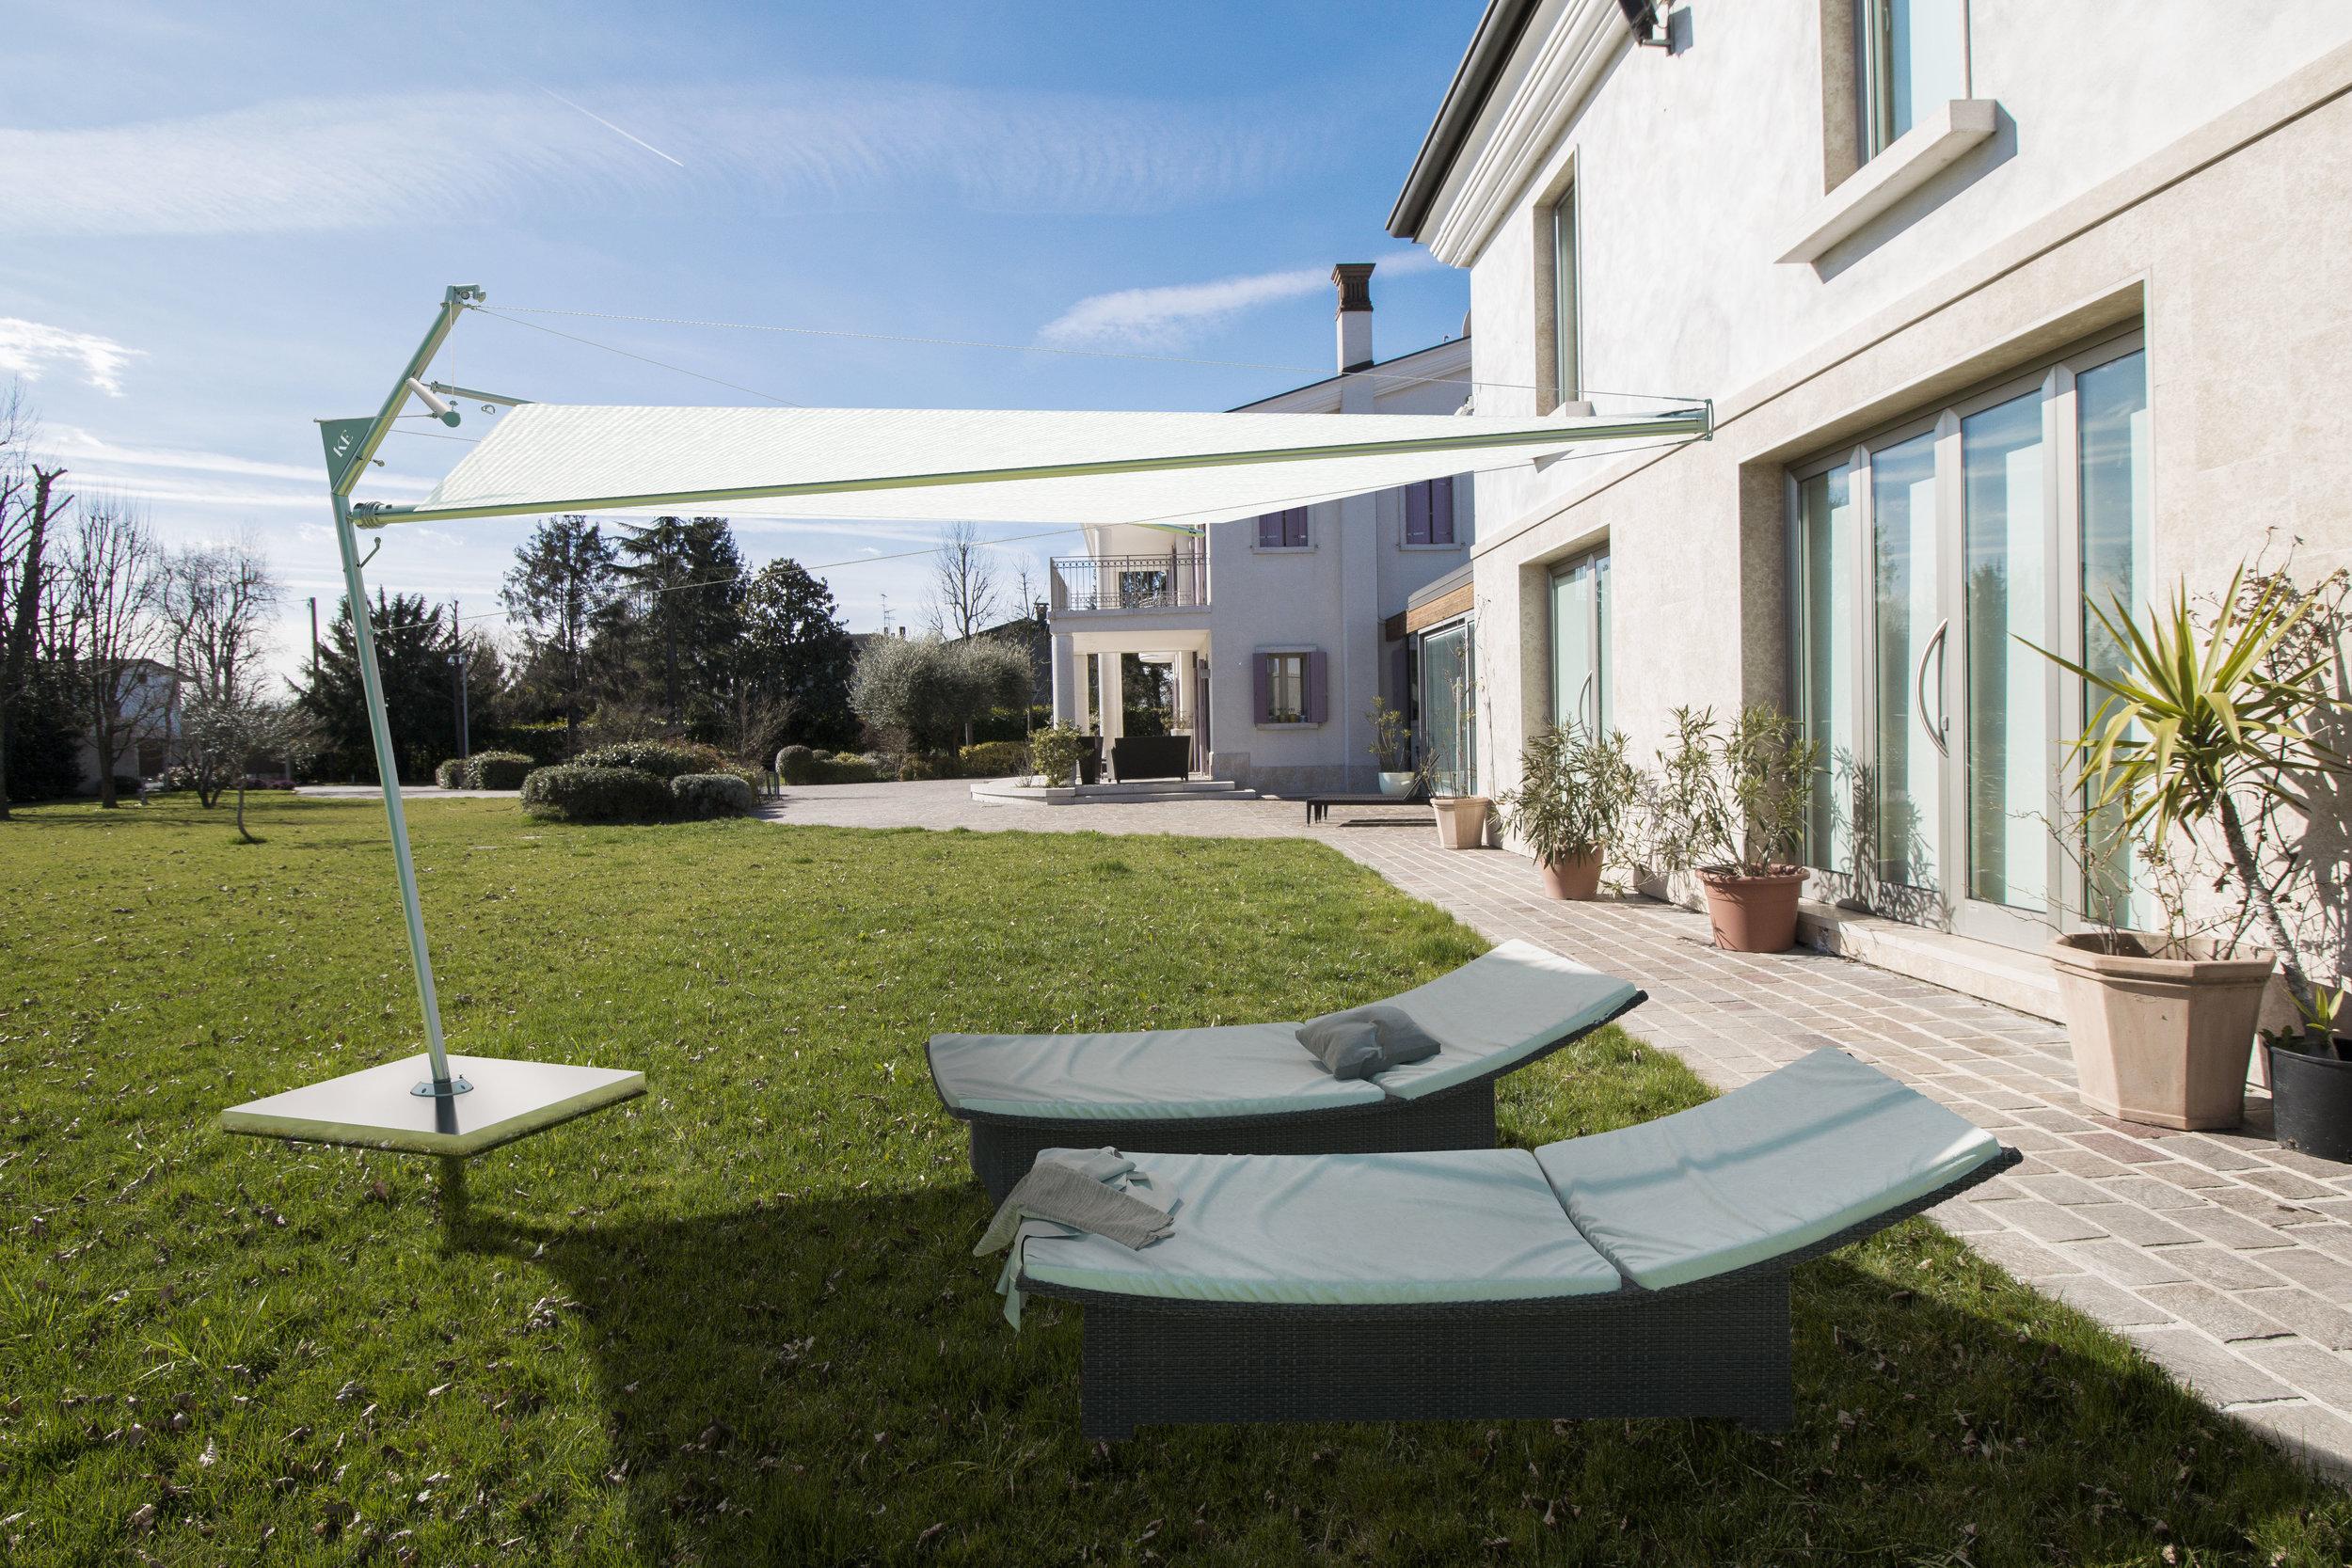 KOLIBRIE - Un ombreggiatore che è molto di più di un ombrellone: per dimensioni, tecnologia, materiali, flessibilità di installazione e robustezza